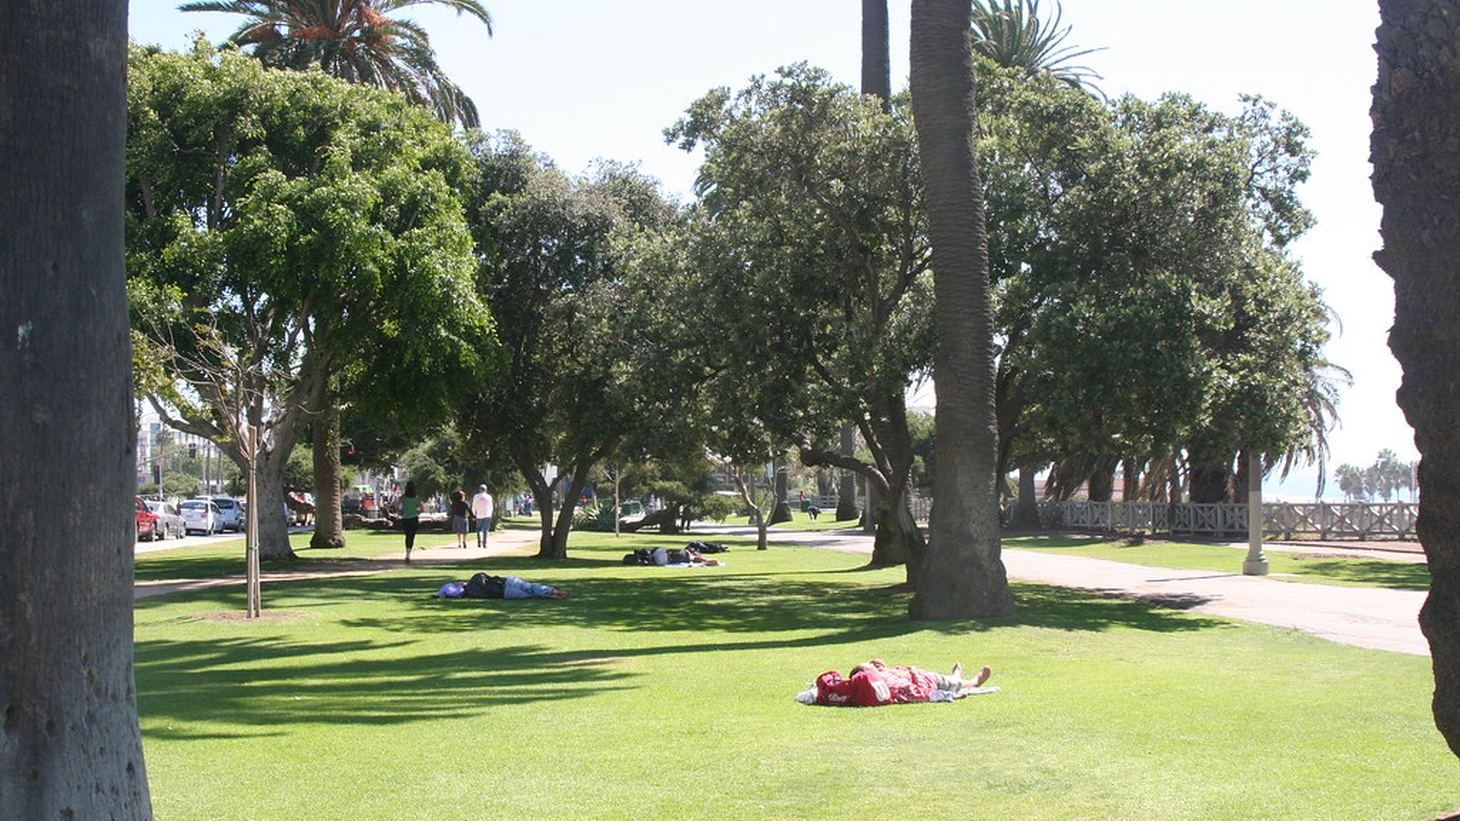 People sleeping in a park in Santa Monica.